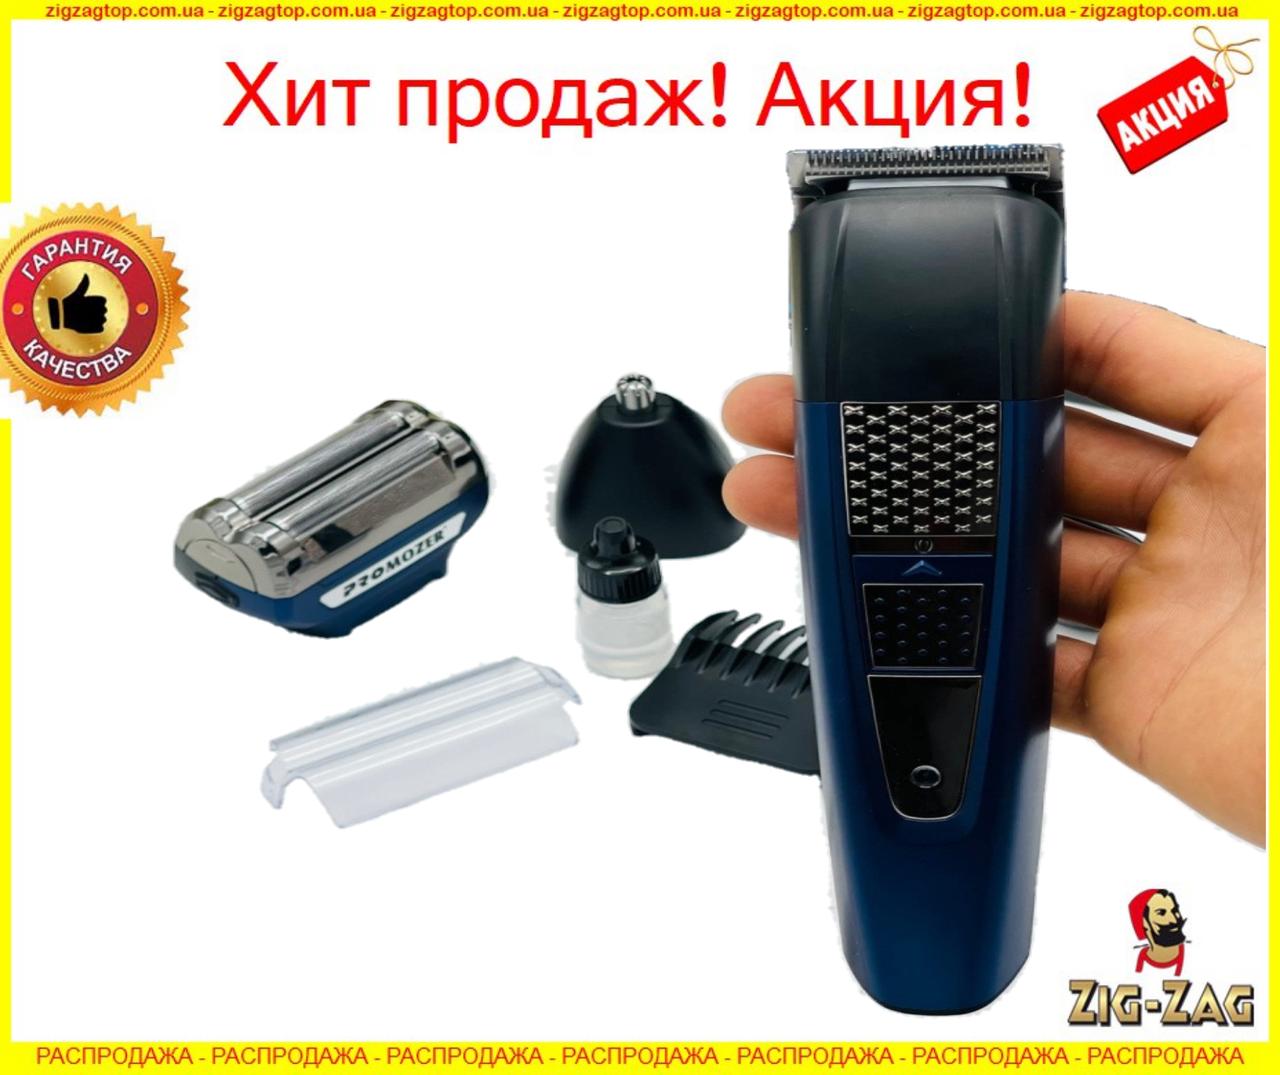 Електробритва Pro Mozer Mz 2030 акумуляторна, Бритва Стайлер Тример 3в1 для бороди, носа і вух НОВИНКА!